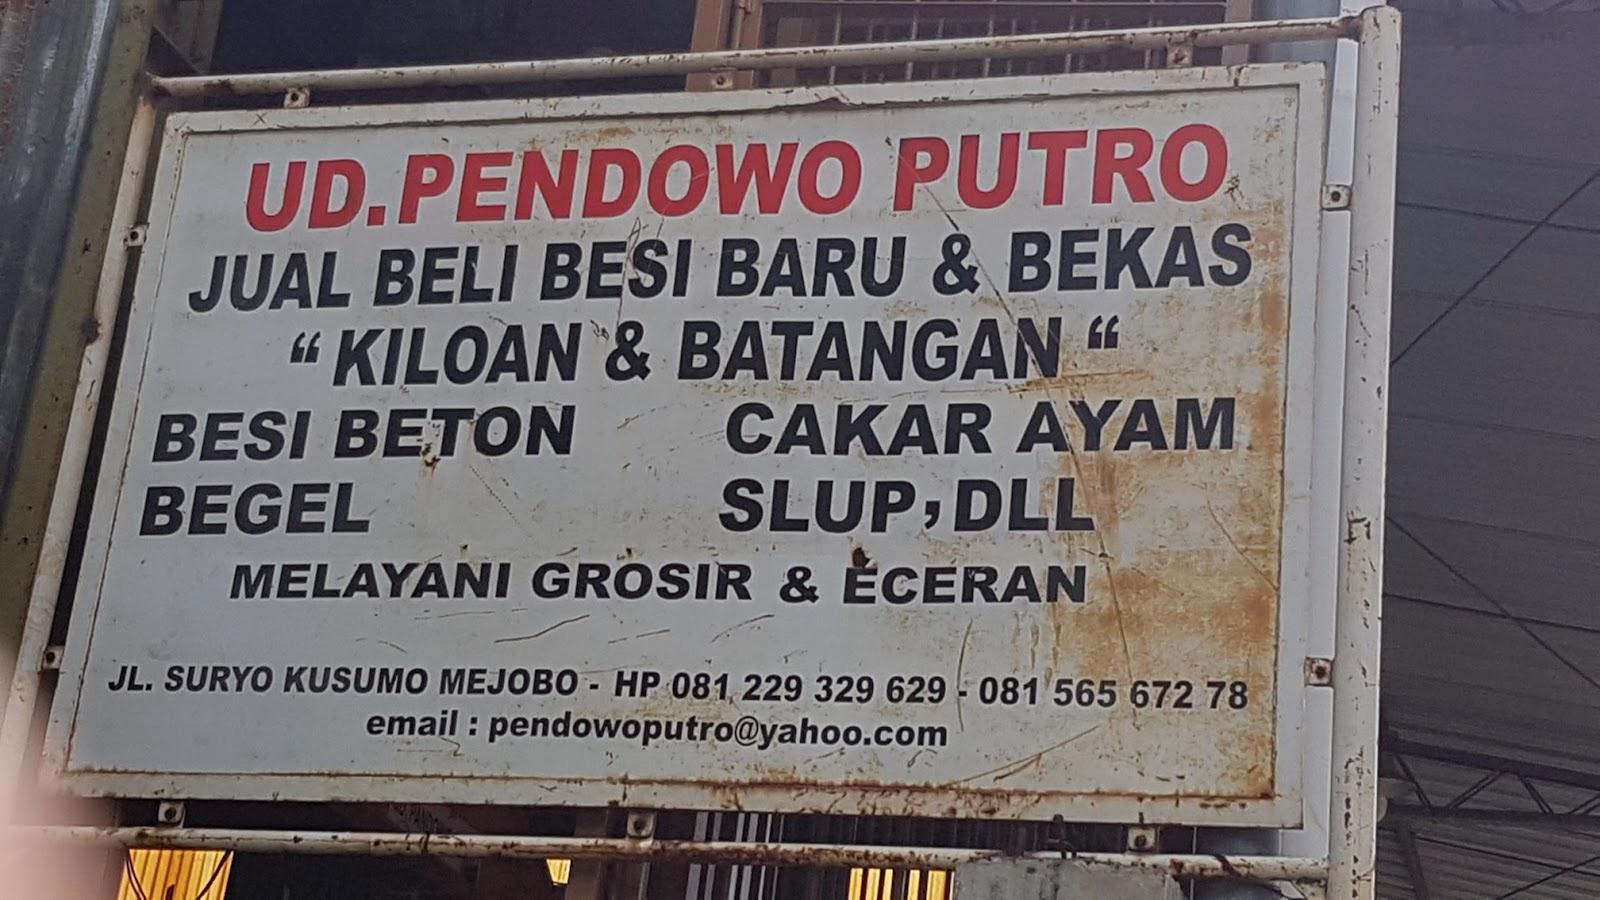 Baja Ringan Murah Kudus Kabupaten Jawa Tengah 59313 Toko Besi Pendowo Putro